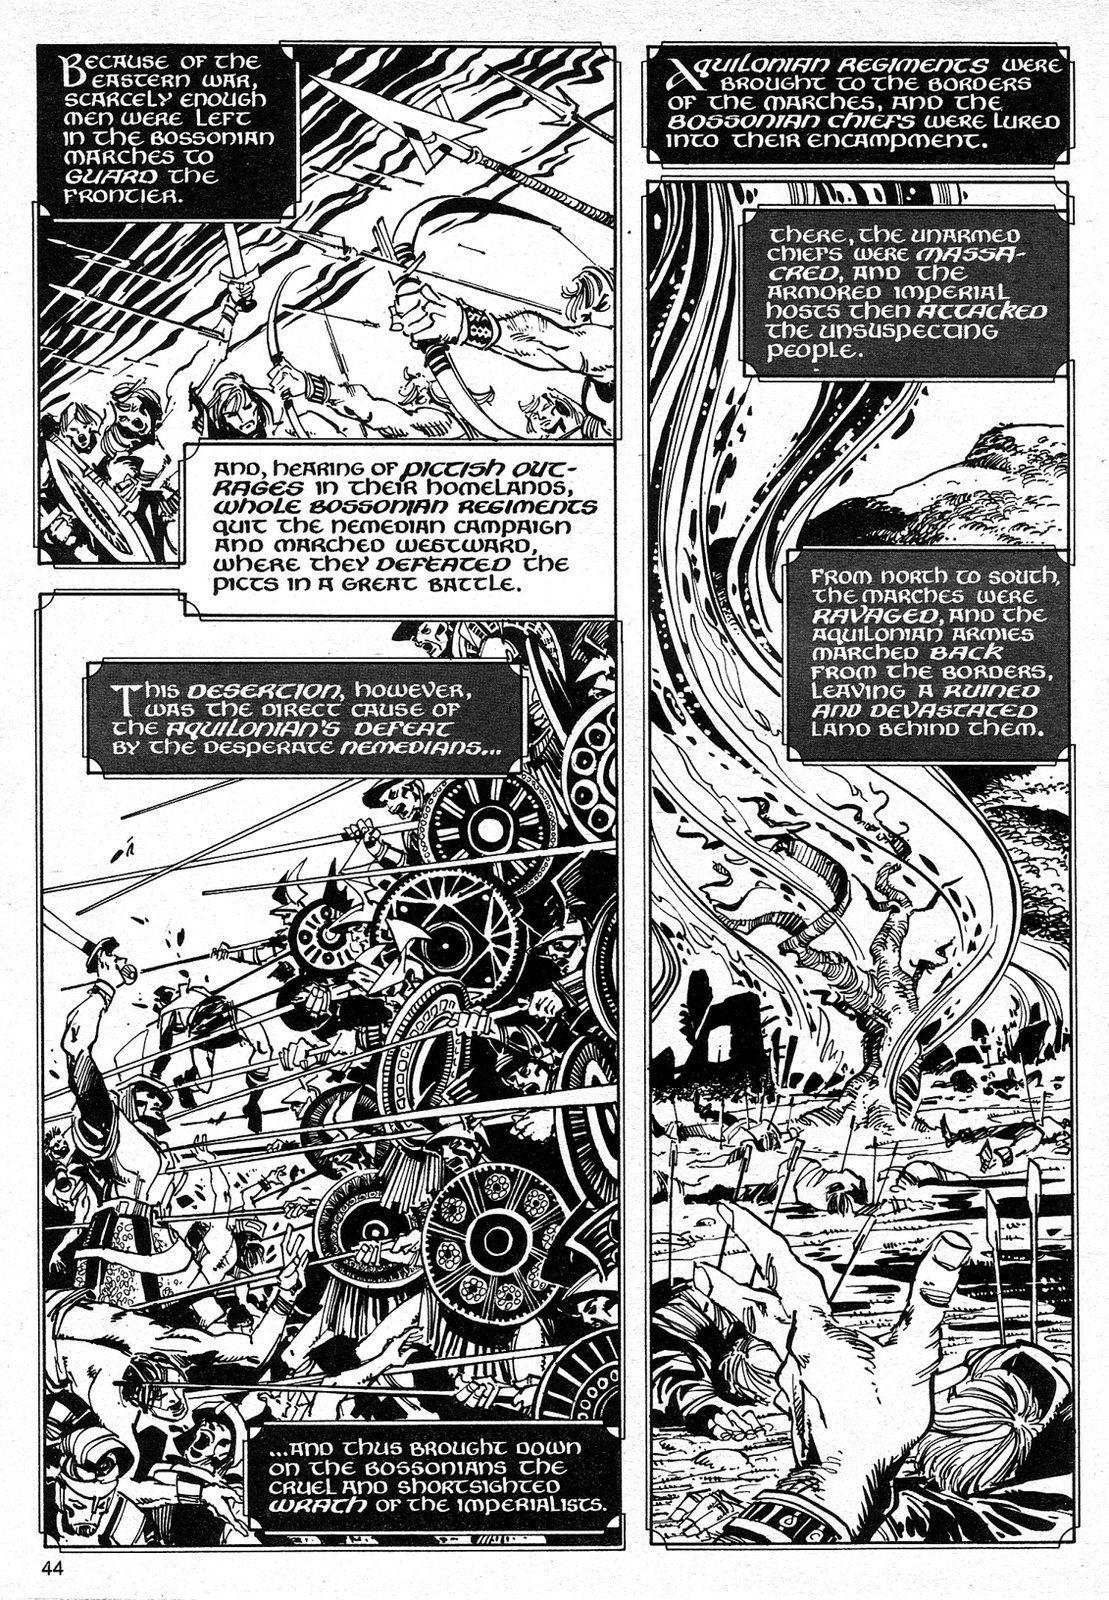 rcubedagain: The Hyborian Age (Conan The Barbarian)